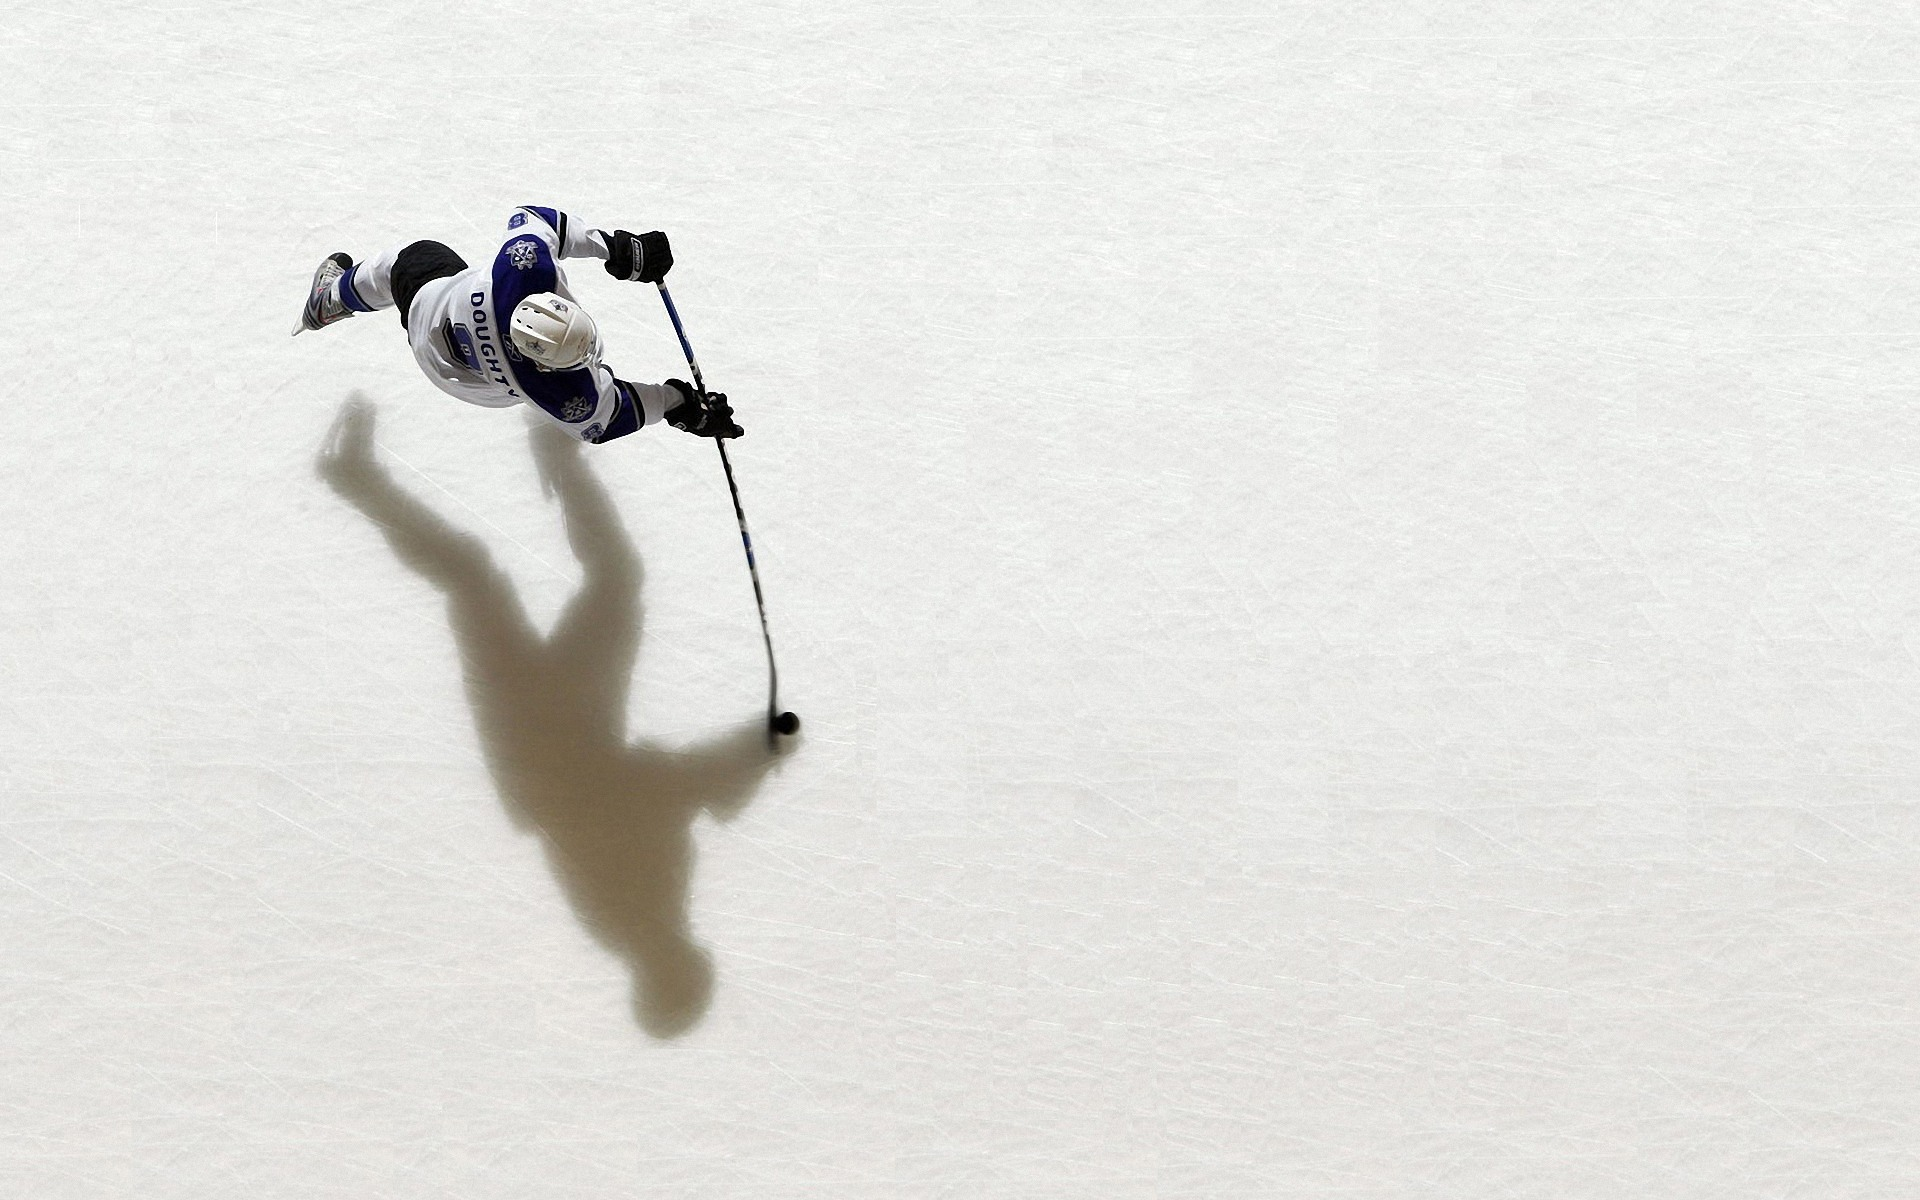 Hockey Backgrounds Avalanche wallpaper Hockey Backgrounds Avalanche 1920x1200